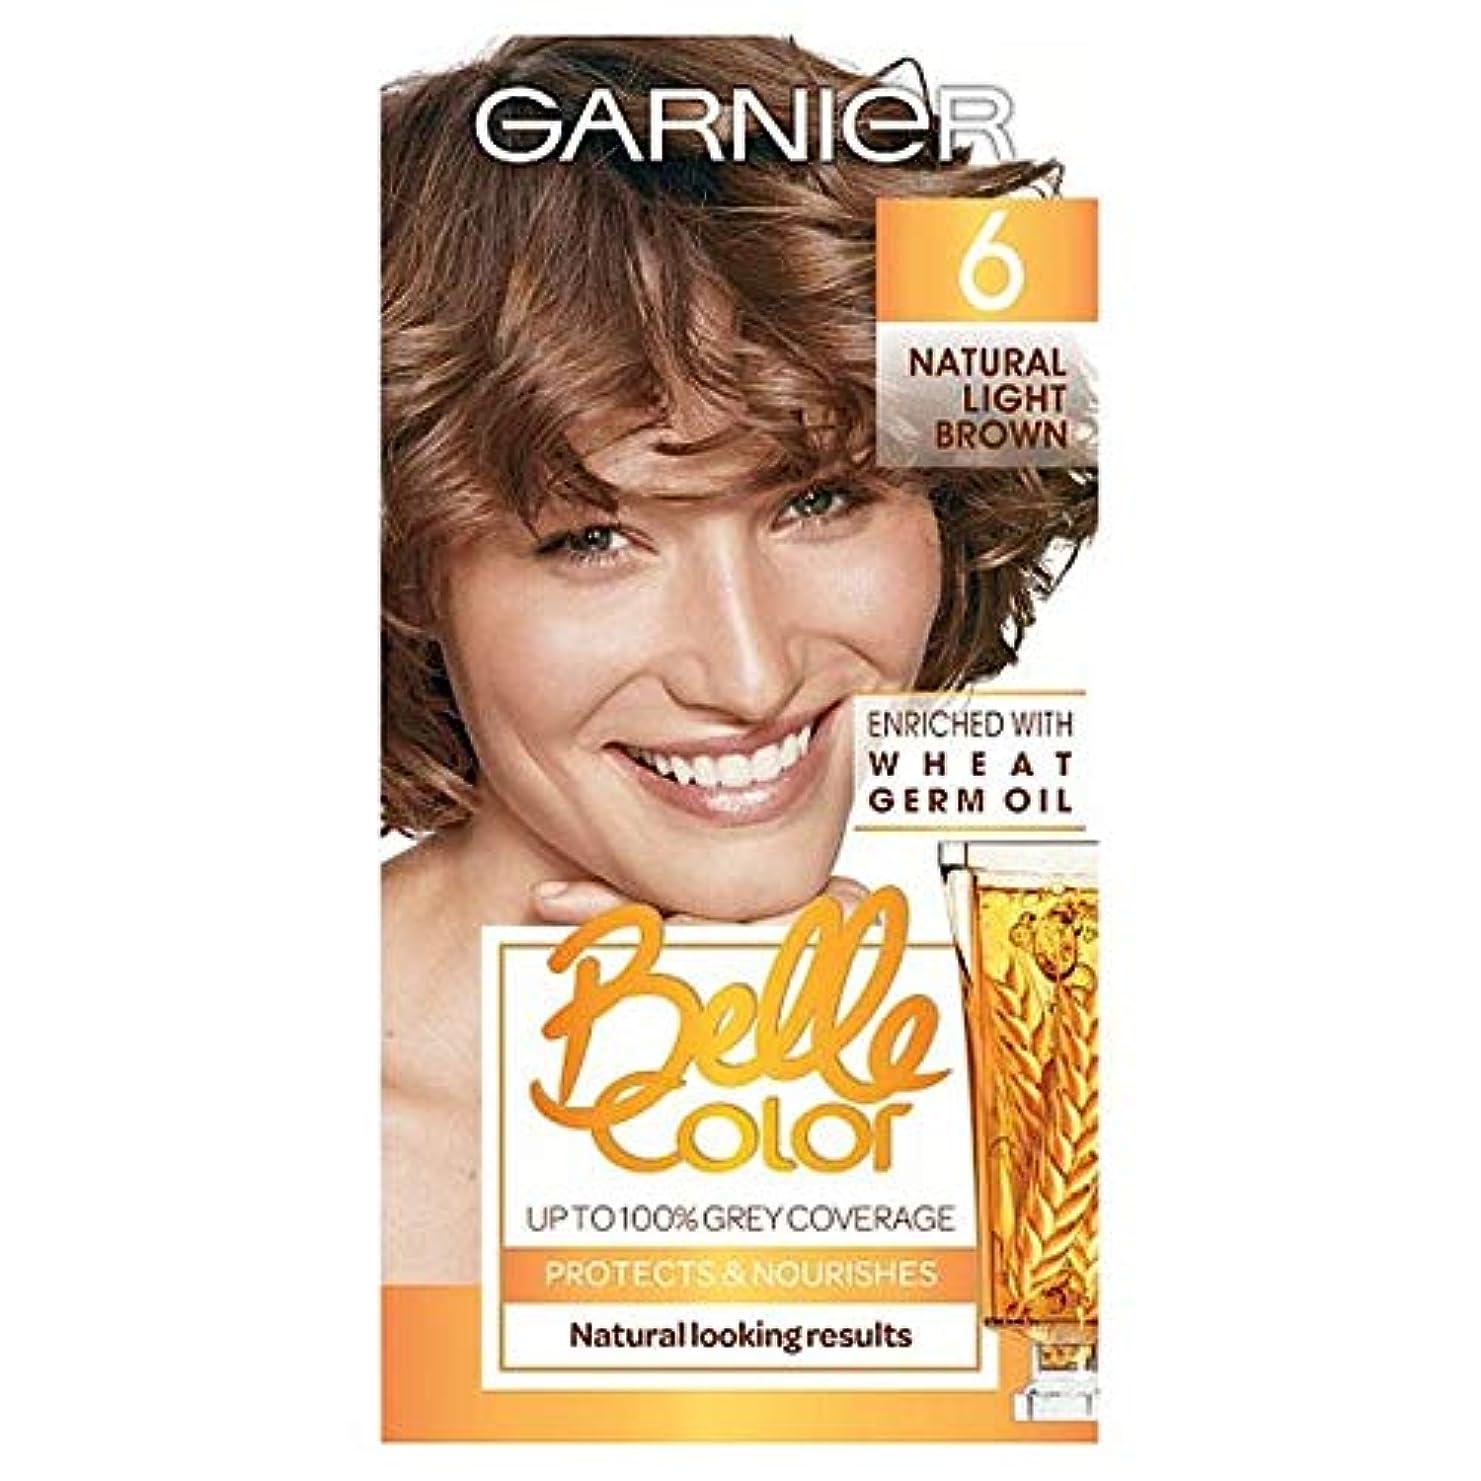 行き当たりばったり投げ捨てる踊り子[Belle Color ] ガーン/ベル/Clr 6ナチュラルライトブラウンパーマネントヘアダイ - Garn/Bel/Clr 6 Natural Light Brown Permanent Hair Dye [並行輸入品]